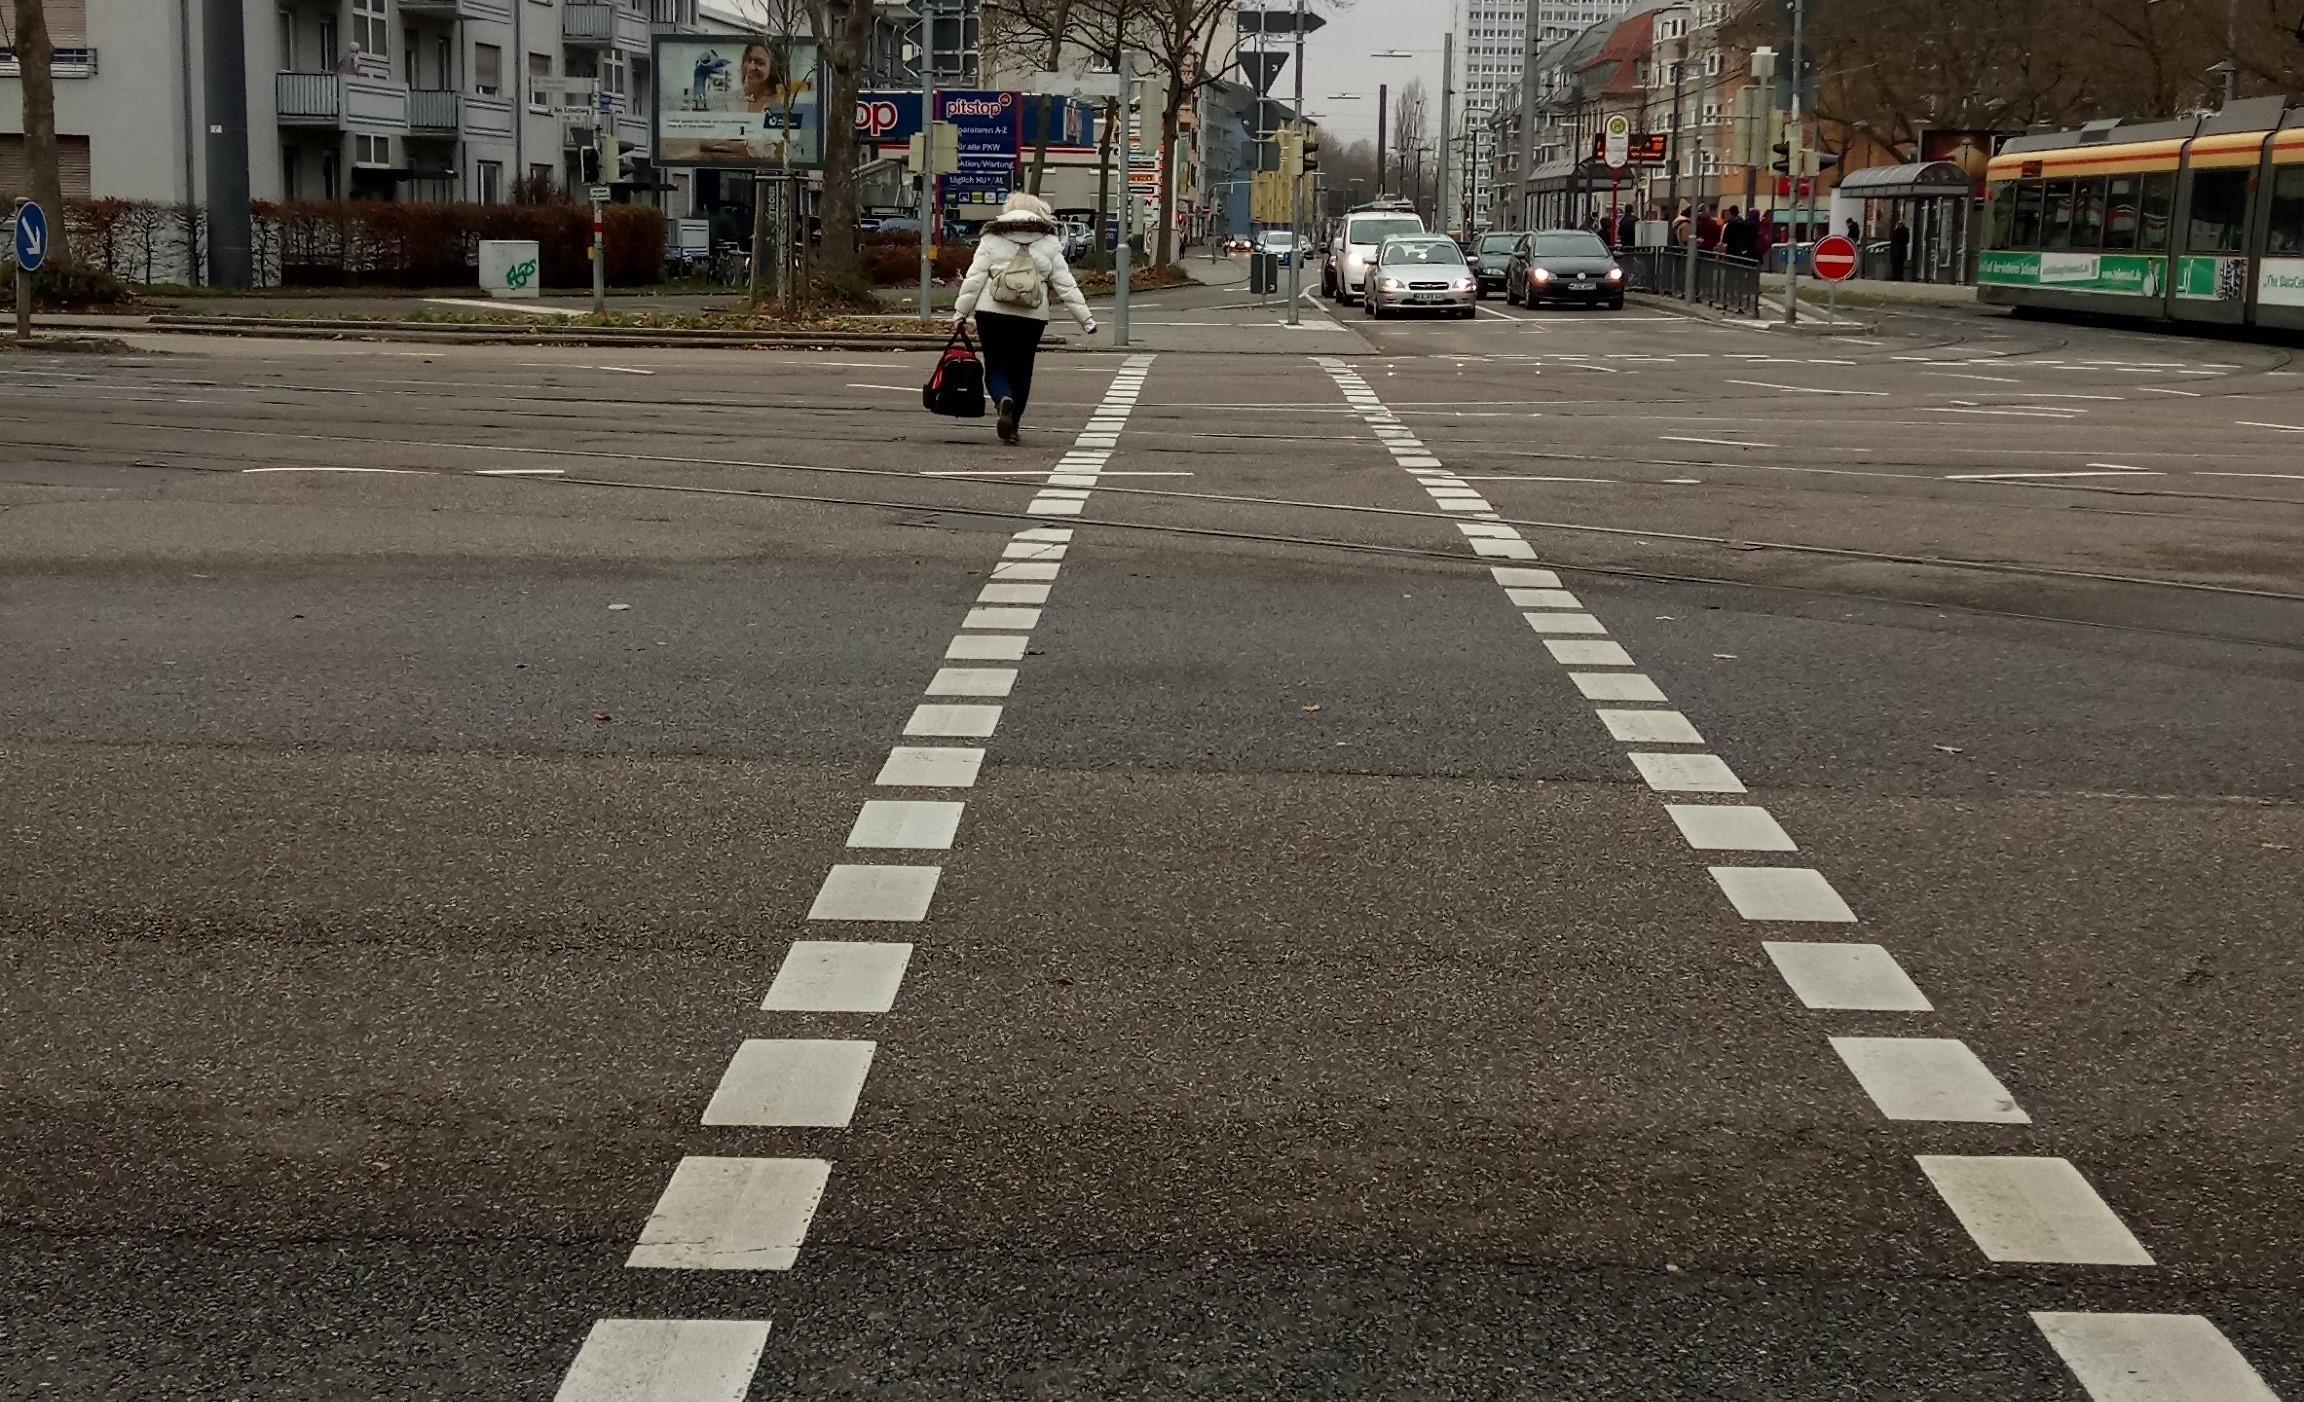 Mängel gemeldet: Fehlende Fußgängerampeln